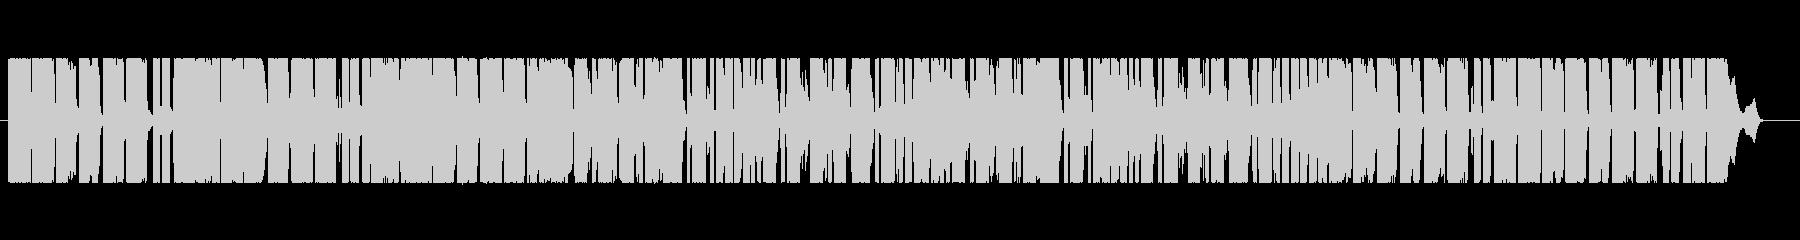 きらきらとしたfuture bassの未再生の波形